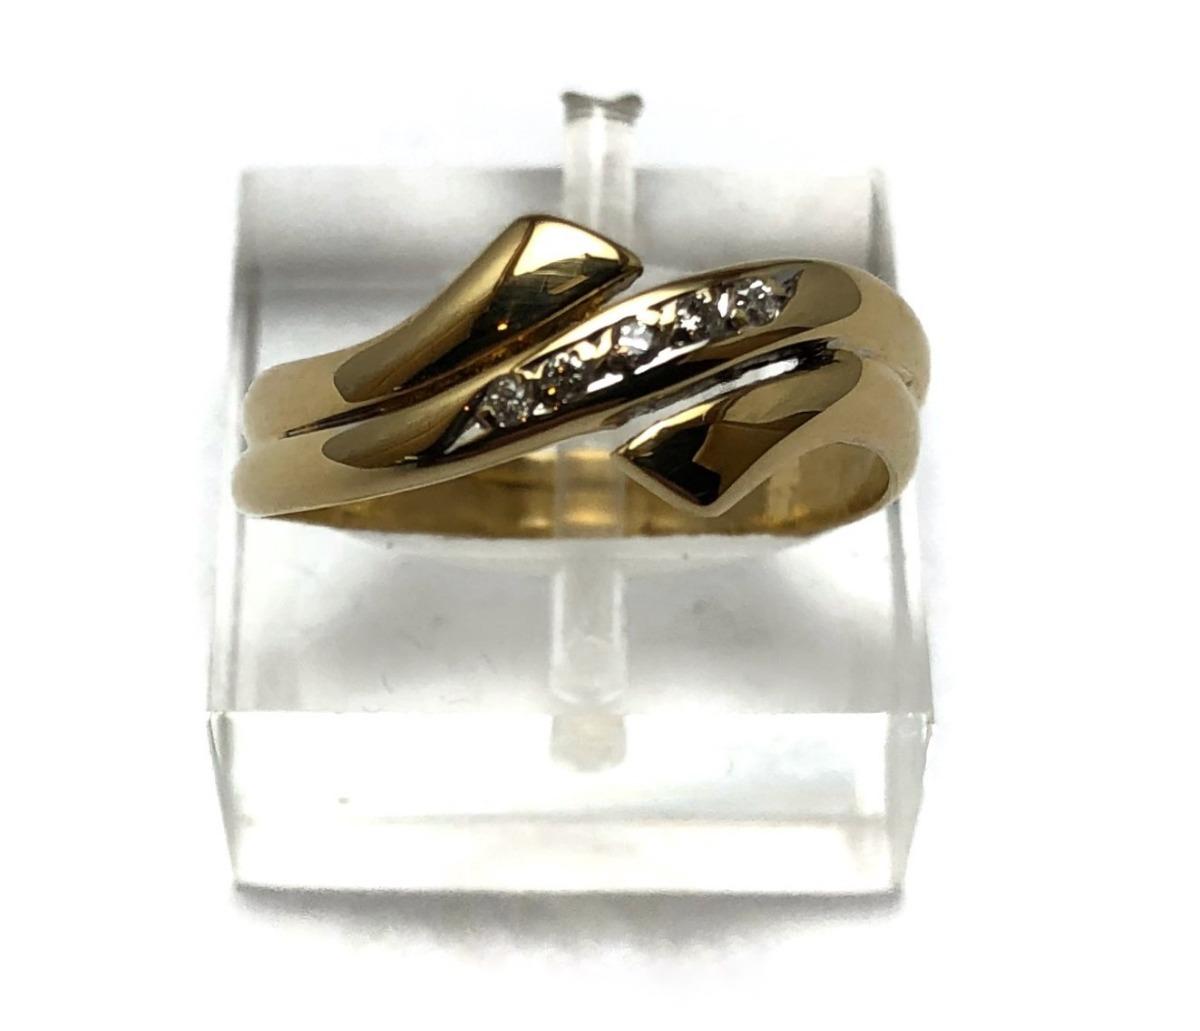 56e10e9c8899 anillo cintillo especial de compromiso oro amarillo 18k. Cargando zoom.